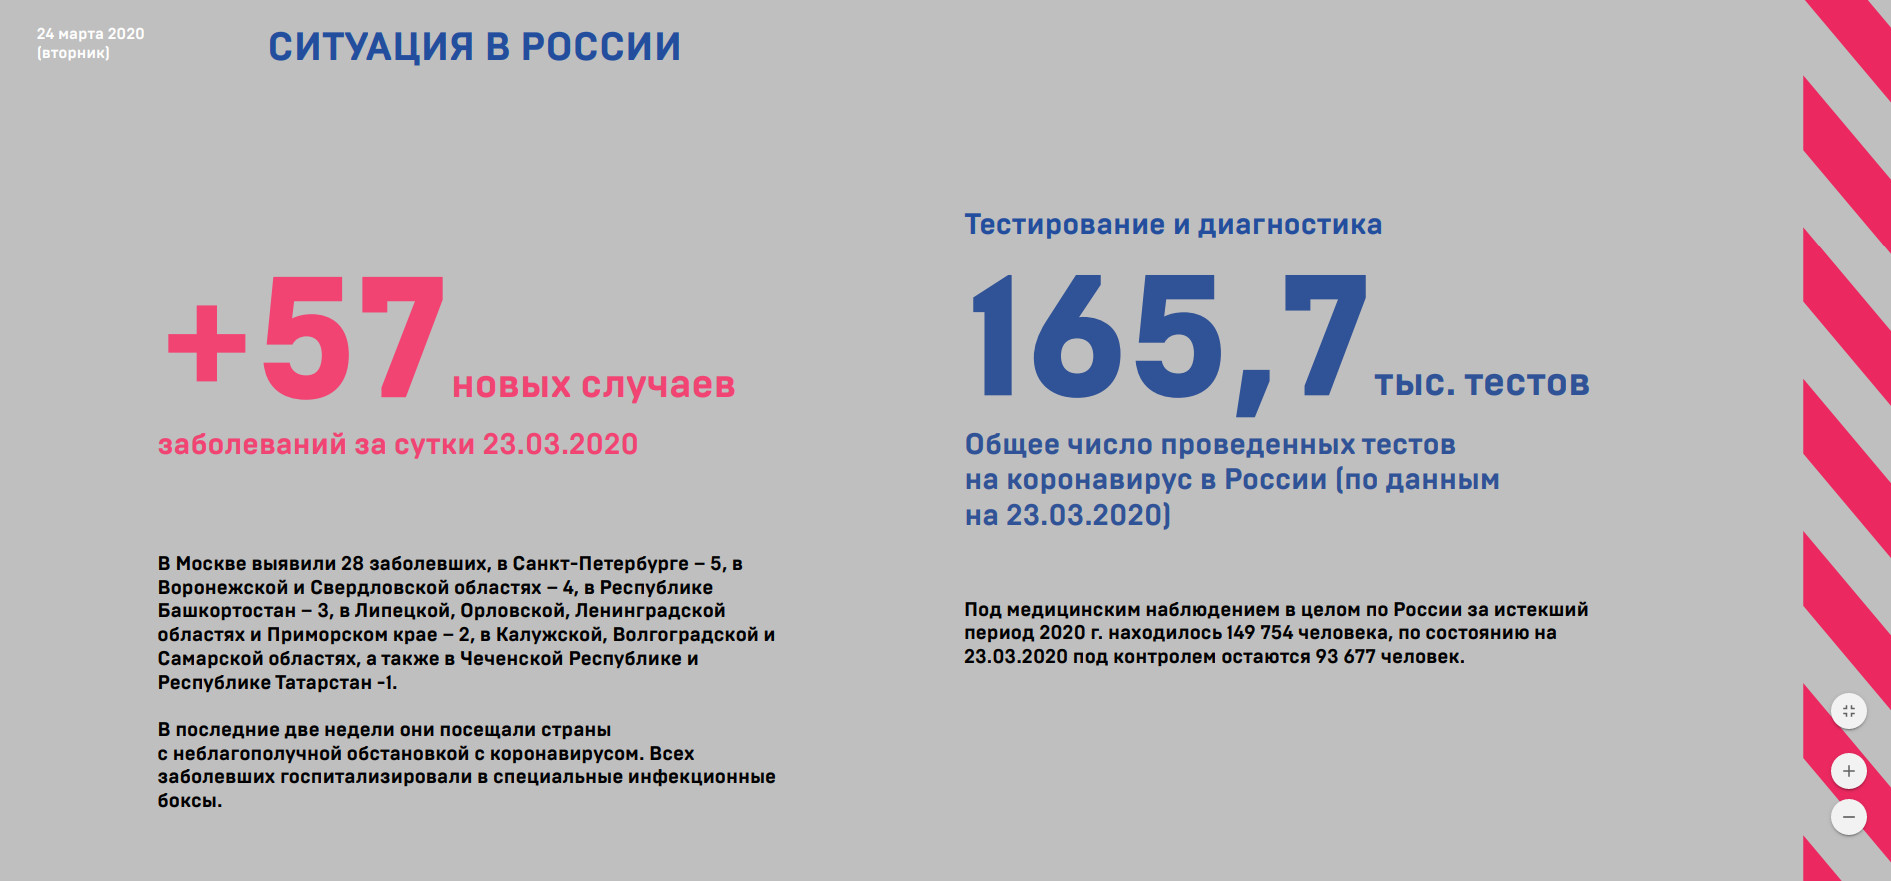 Отчёт оперштаба по борьбе с коронавирусом от 24 марта